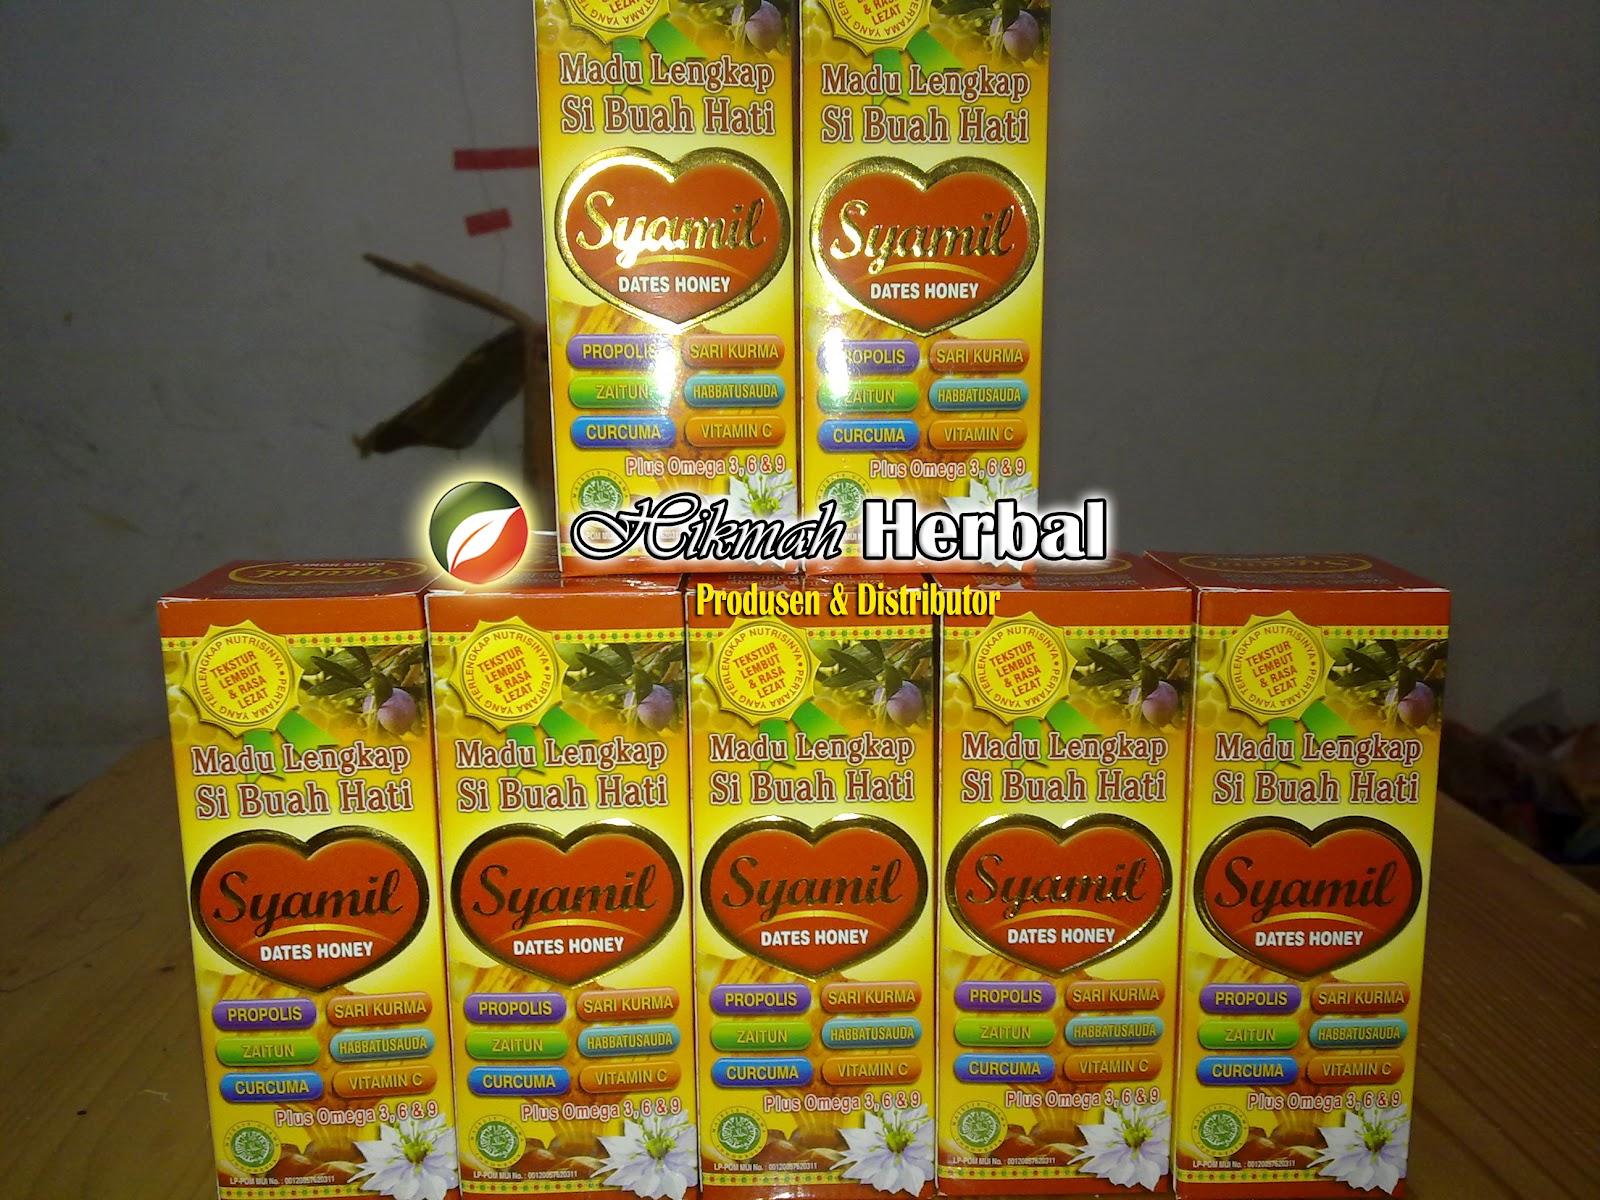 Hikmah Herbal Agency Madu Syamil Lengkap Si Buah Hati Dates Honey